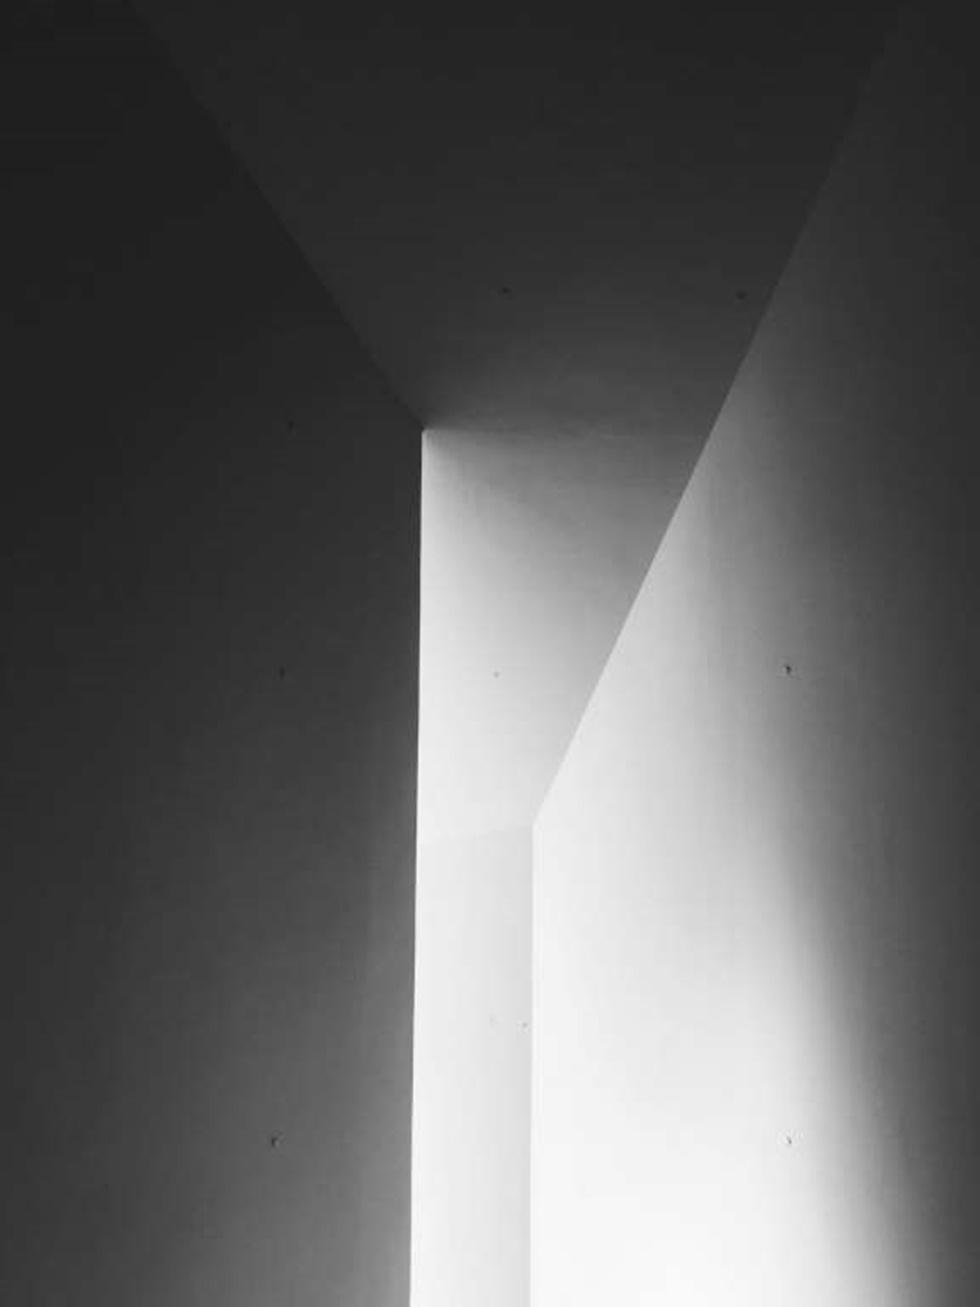 """""""Cuando estaba visitando la Fundación Barnes, construida por Tod Williams + Billie Tsien en Filadelfia, entré en el vestíbulo principal. El espacio de doble altura hizo que este vestíbulo fuera tan abierto y luminoso. Estaba mirando el horizonte y vi una magnífica luz reflejada a través de la geometría del techo que entró en el espacio """"."""